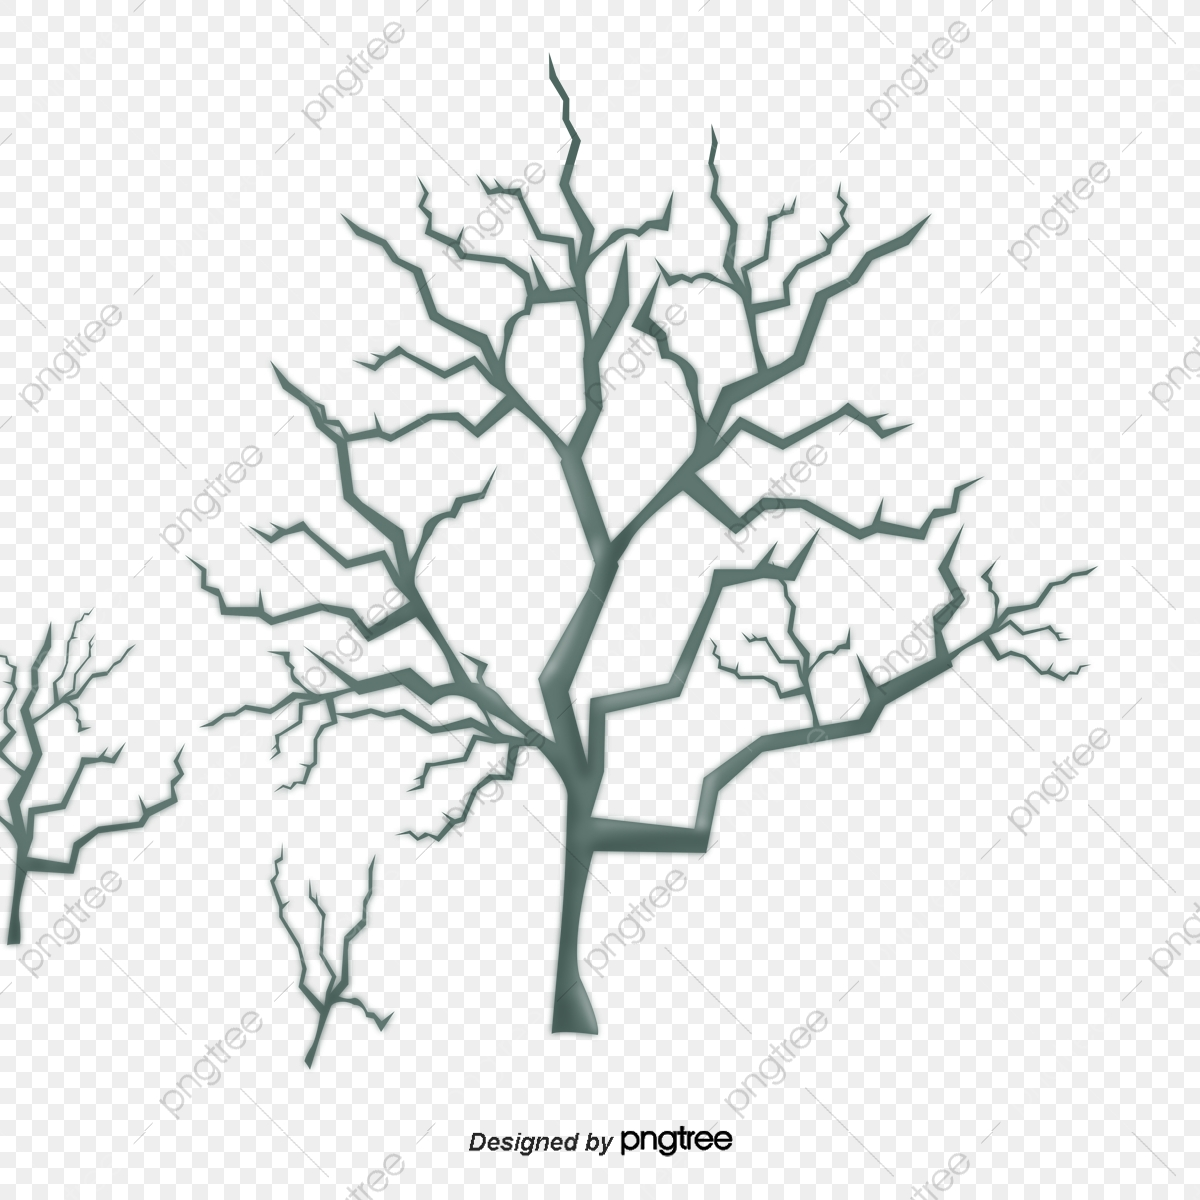 No Inverno As Arvores De Galhos Secos Elementos No Inverno